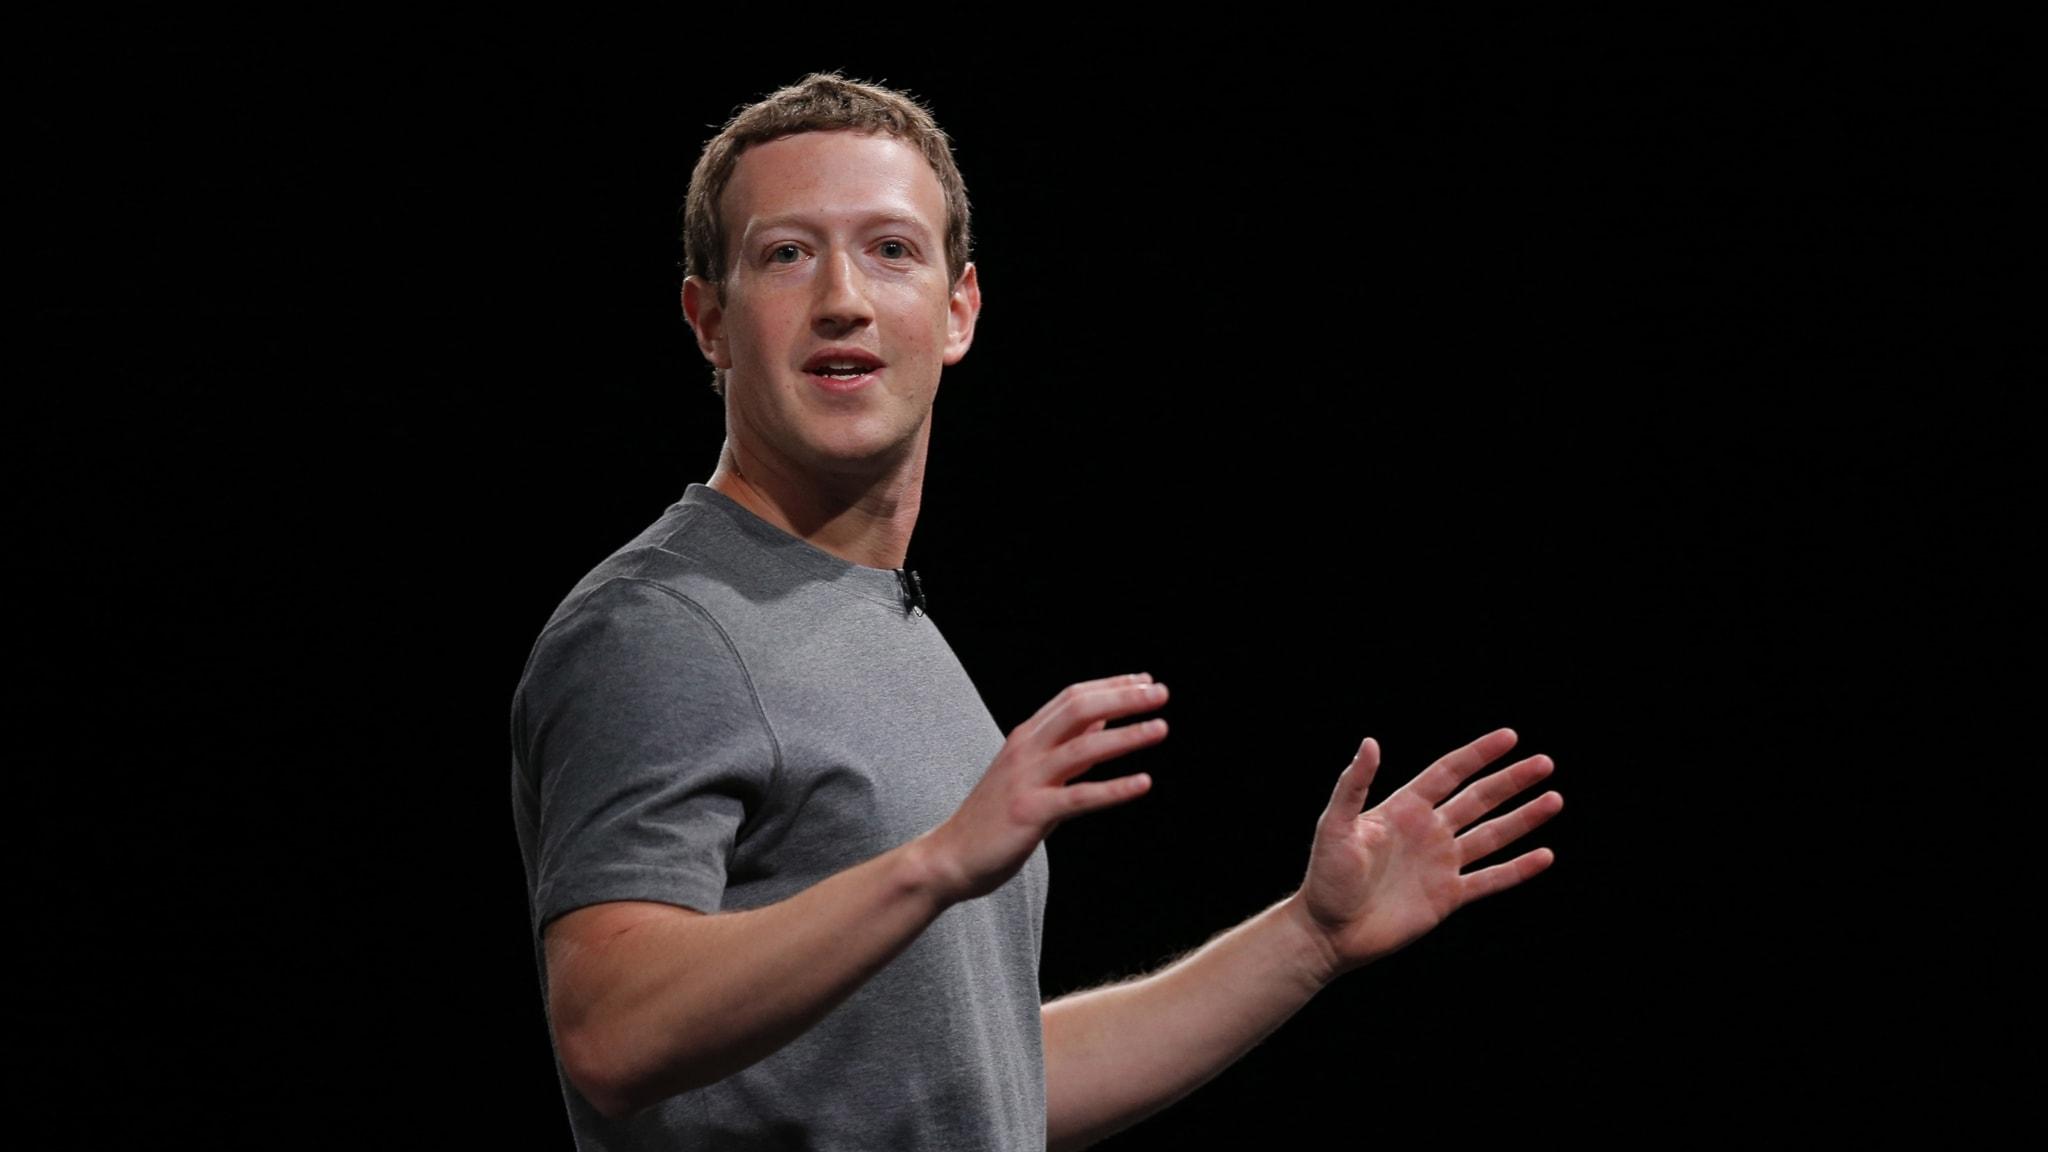 Hur bevaka kontroversiella behandlingar utomlands? Så mycket vet Facebook om dig och cirkus med namnpubliceringar under metoo